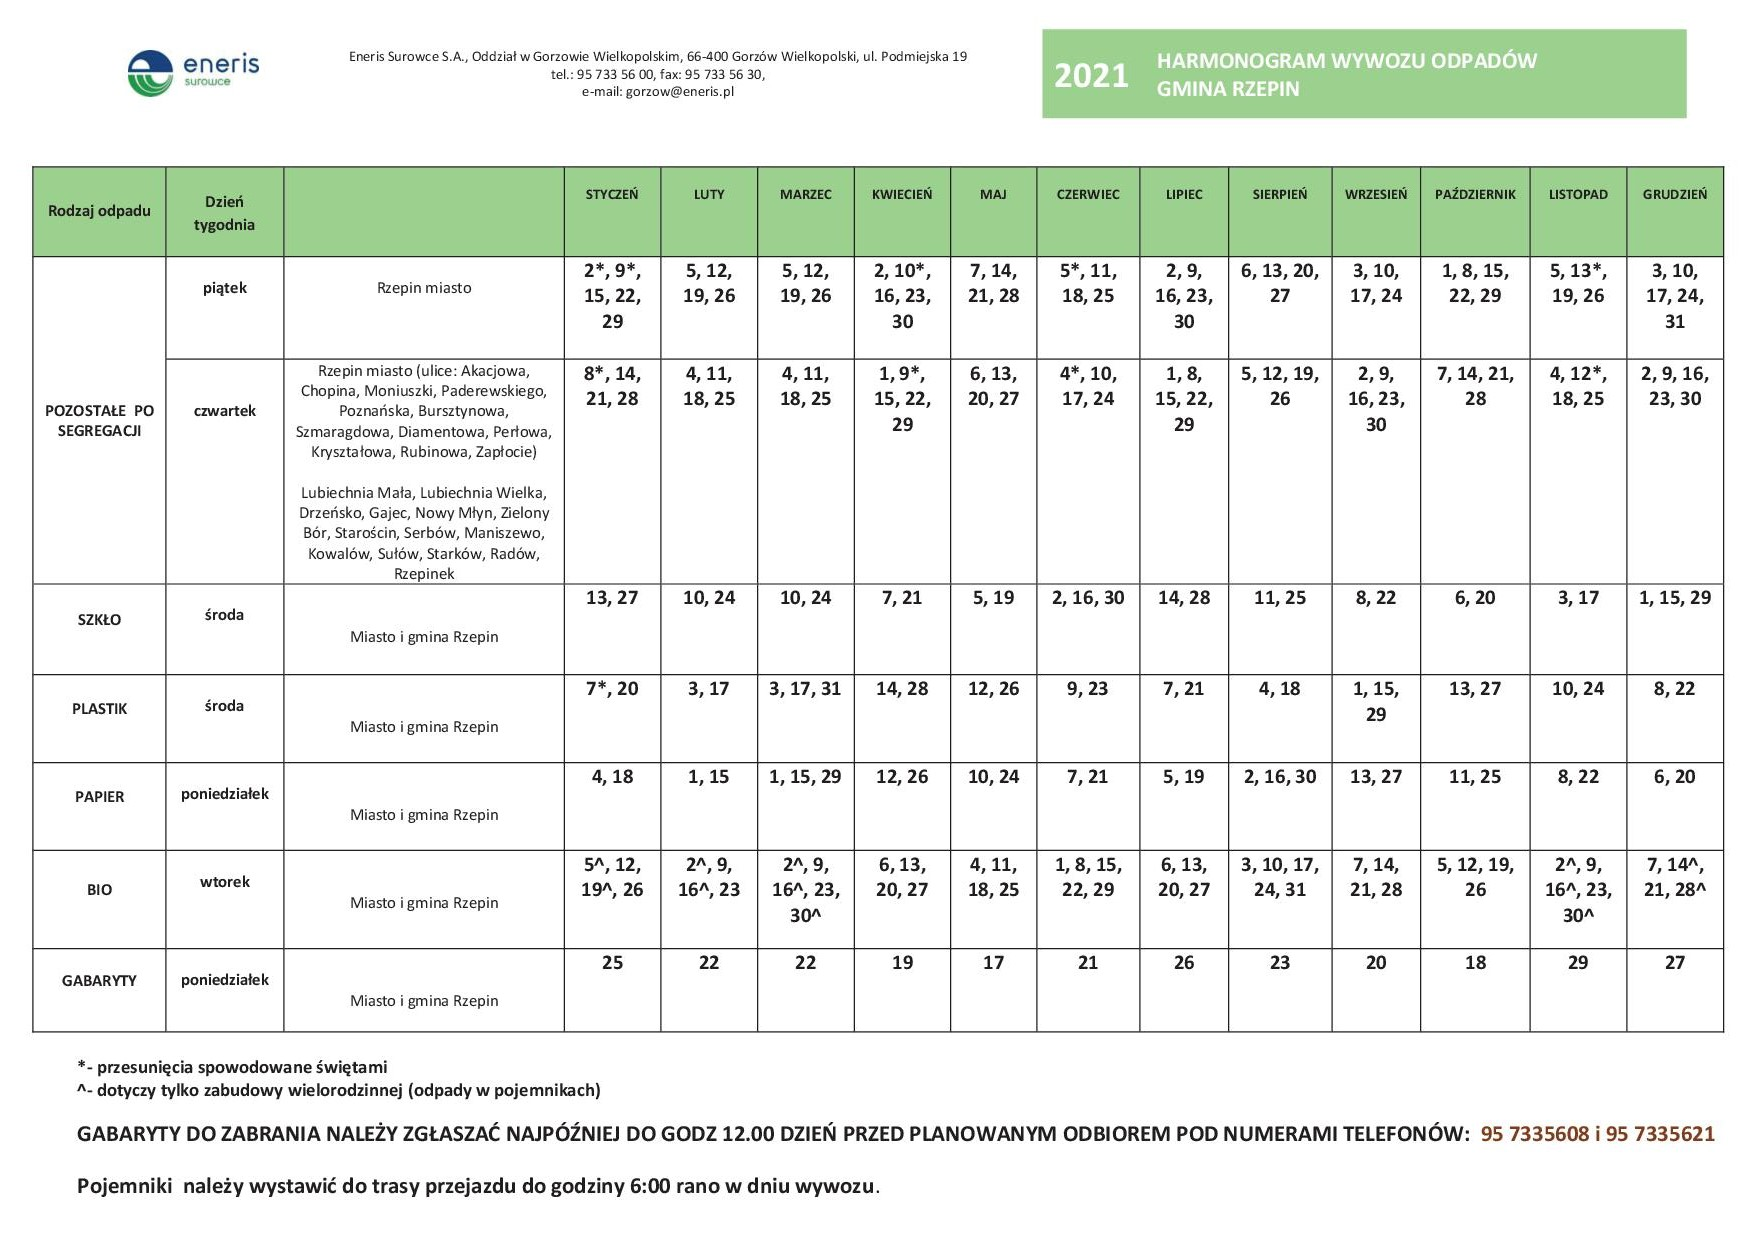 Ilustracja do informacji: Harmonogram wywozu odpadów w Gminie Rzepin w 2021 r.